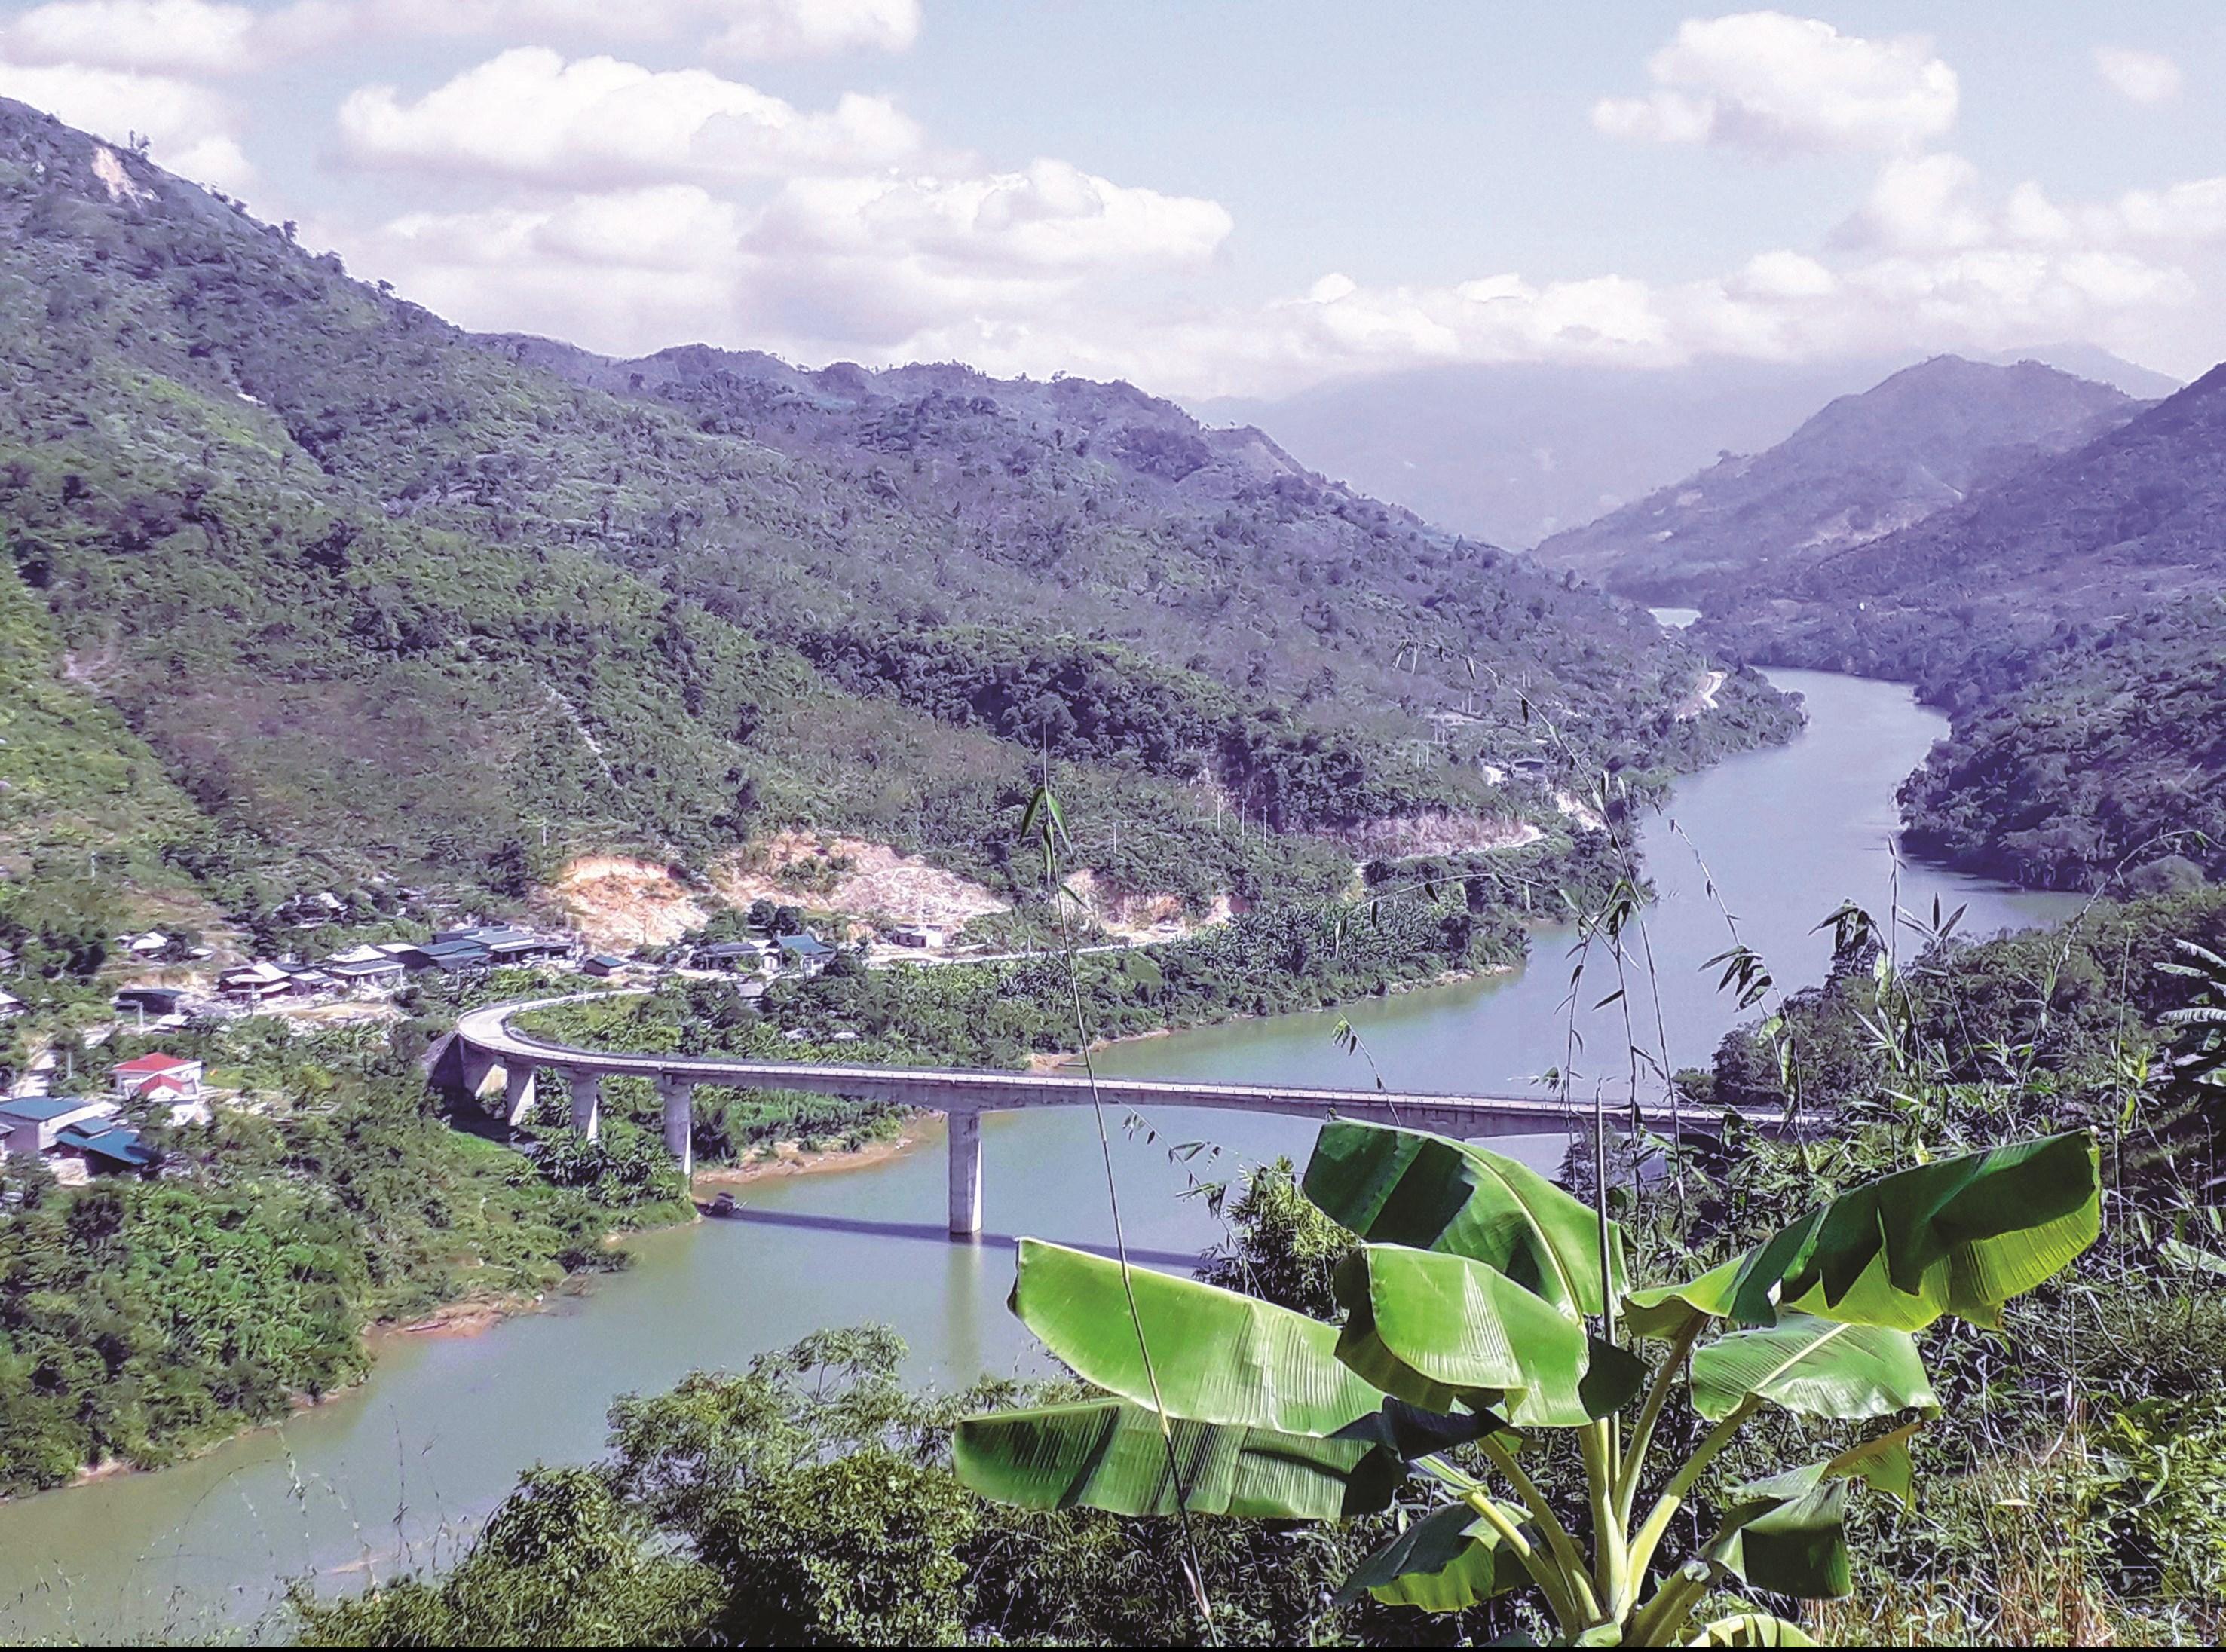 Nguồn vốn 30a là nguồn lực quan trọng để phát triển kinh tế - xã hội của các huyện miền núi. Trong ảnh: Cầu Chiêng Nưa, một trong những Dự án 30 a ở huyện Mường Lát giải ngân chậm.